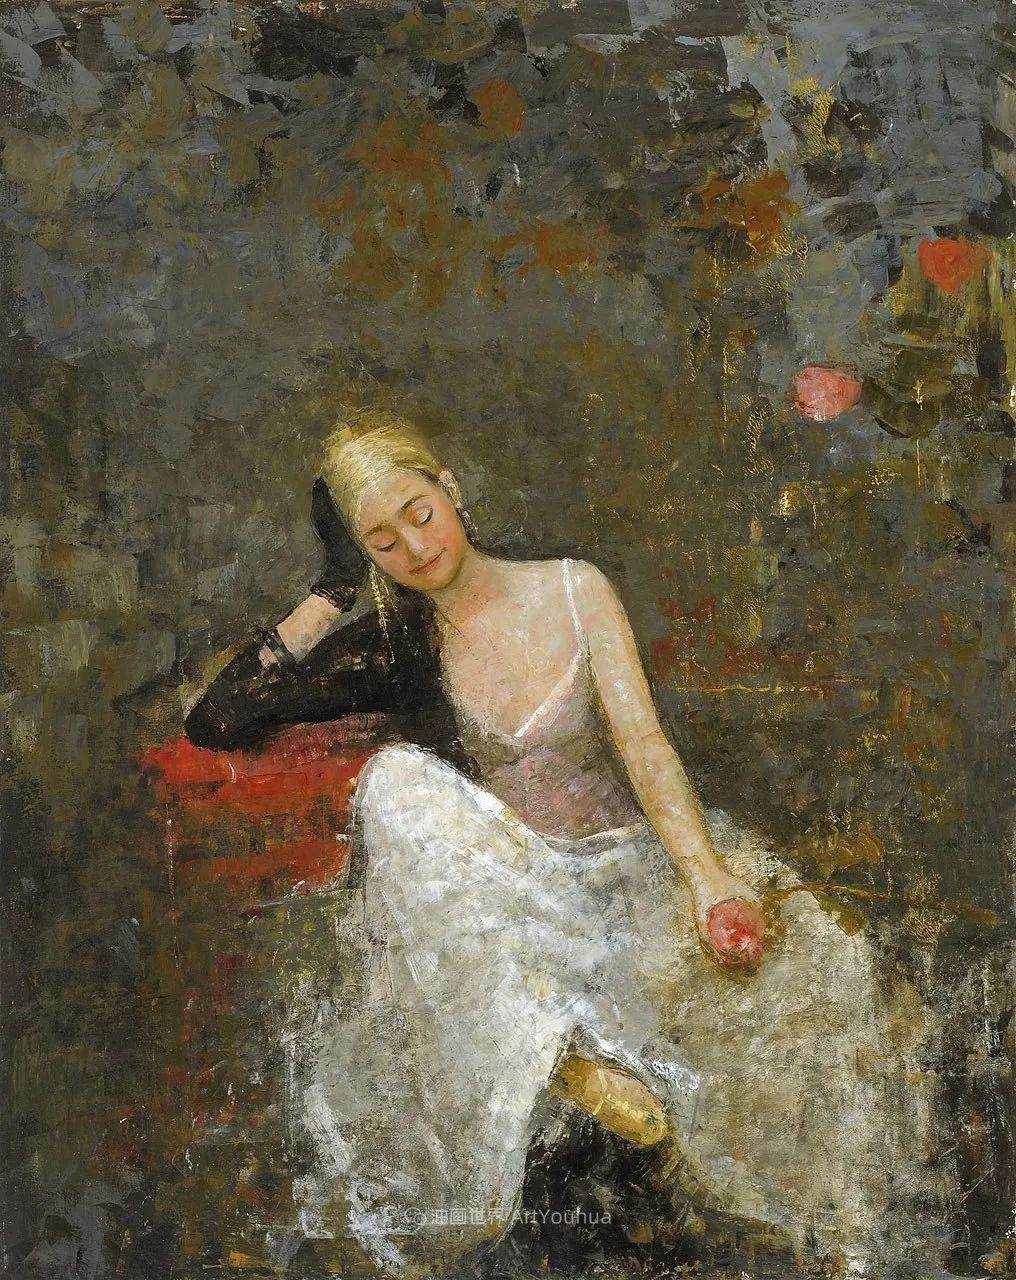 马耳他女画家 Goxwa Borg 戈克斯瓦·博格作品欣赏: 古典又现代!插图61